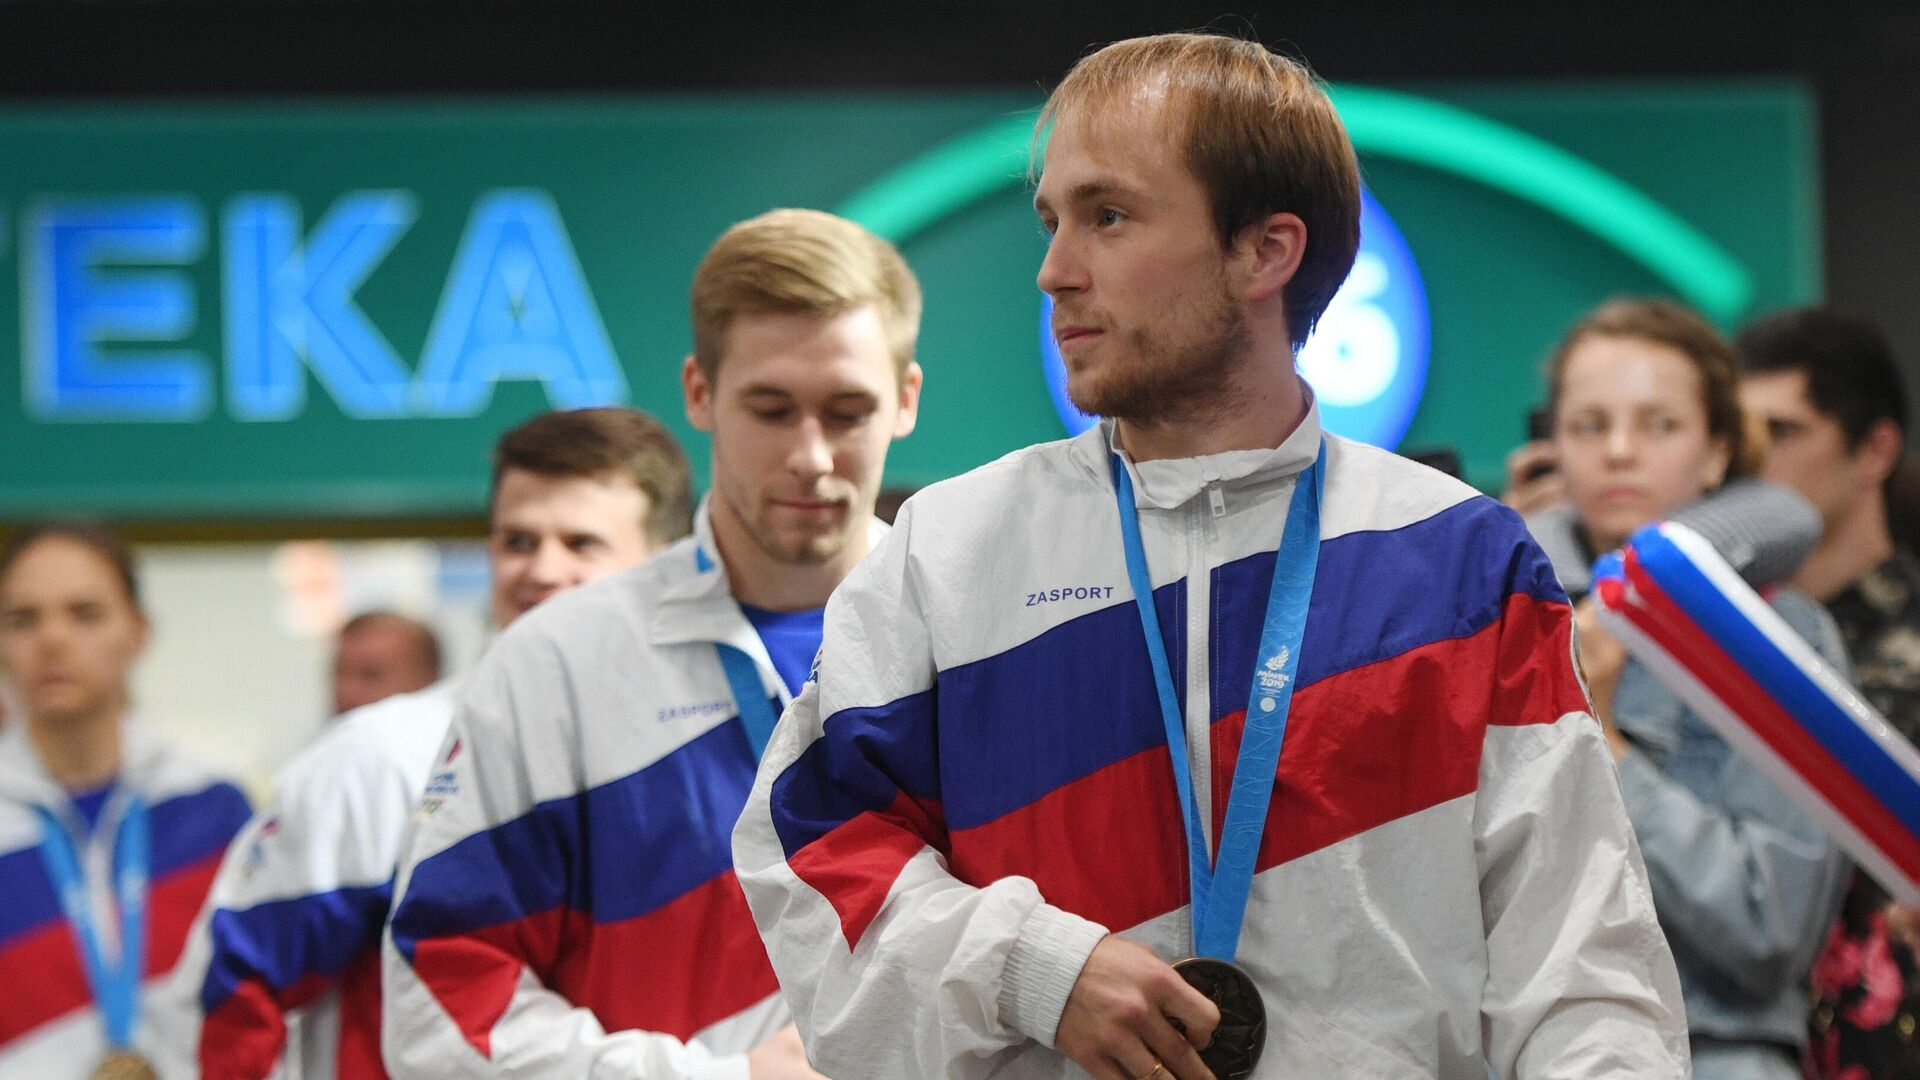 Встреча делегации российских спортсменов-участников II Европейских игр - РИА Новости, 1920, 14.06.2021